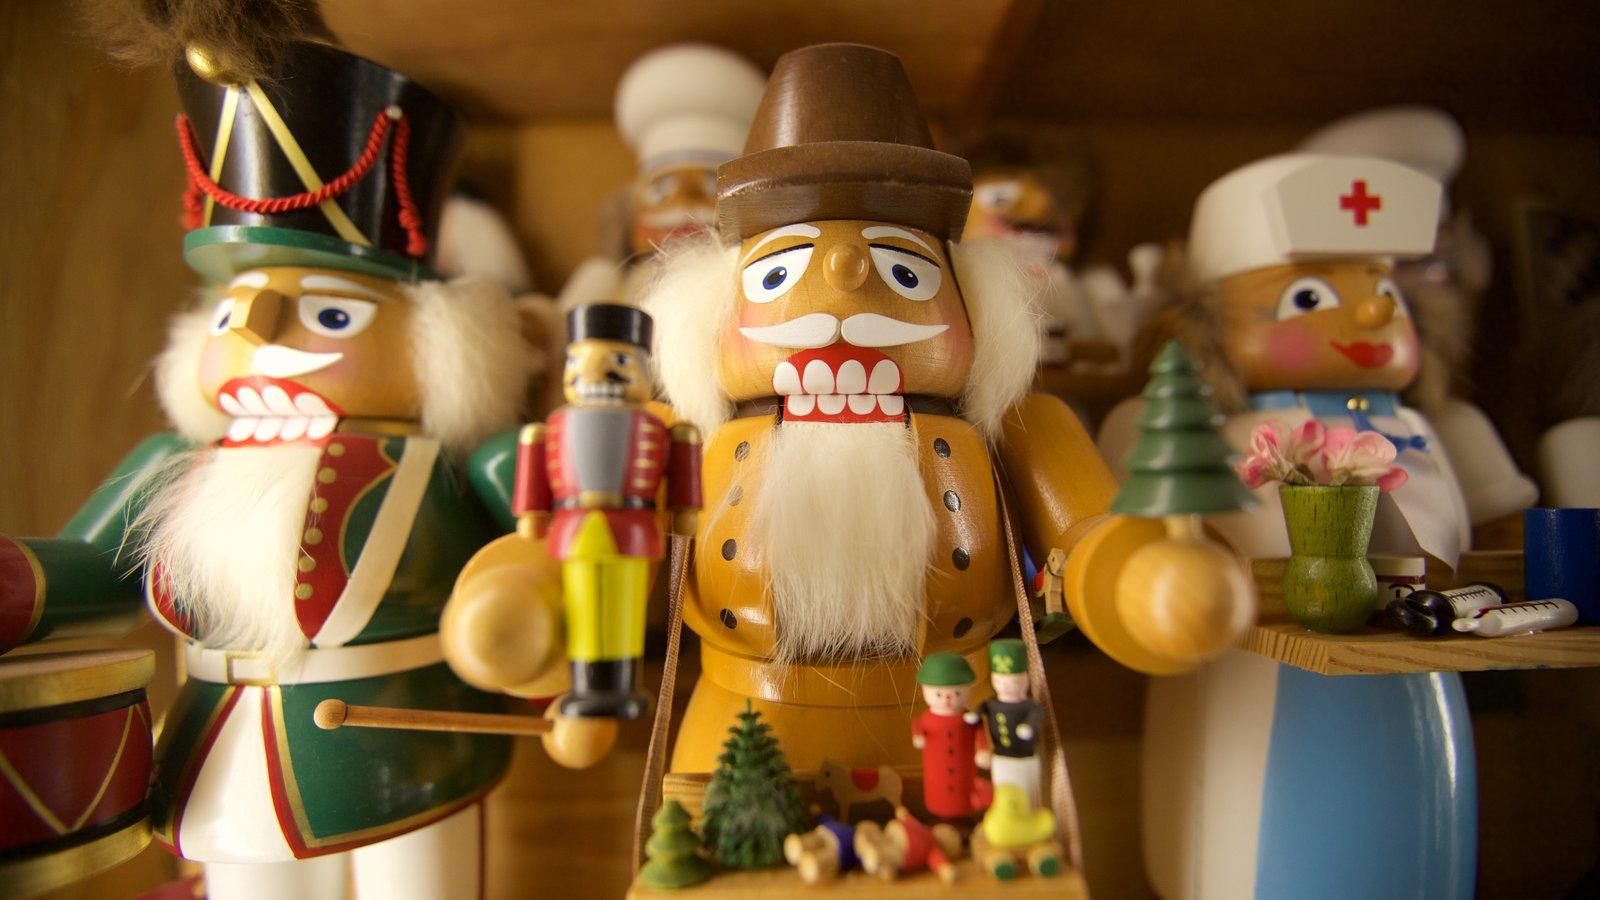 Leavenworth Nutcracker Museum mostrando vistas internas